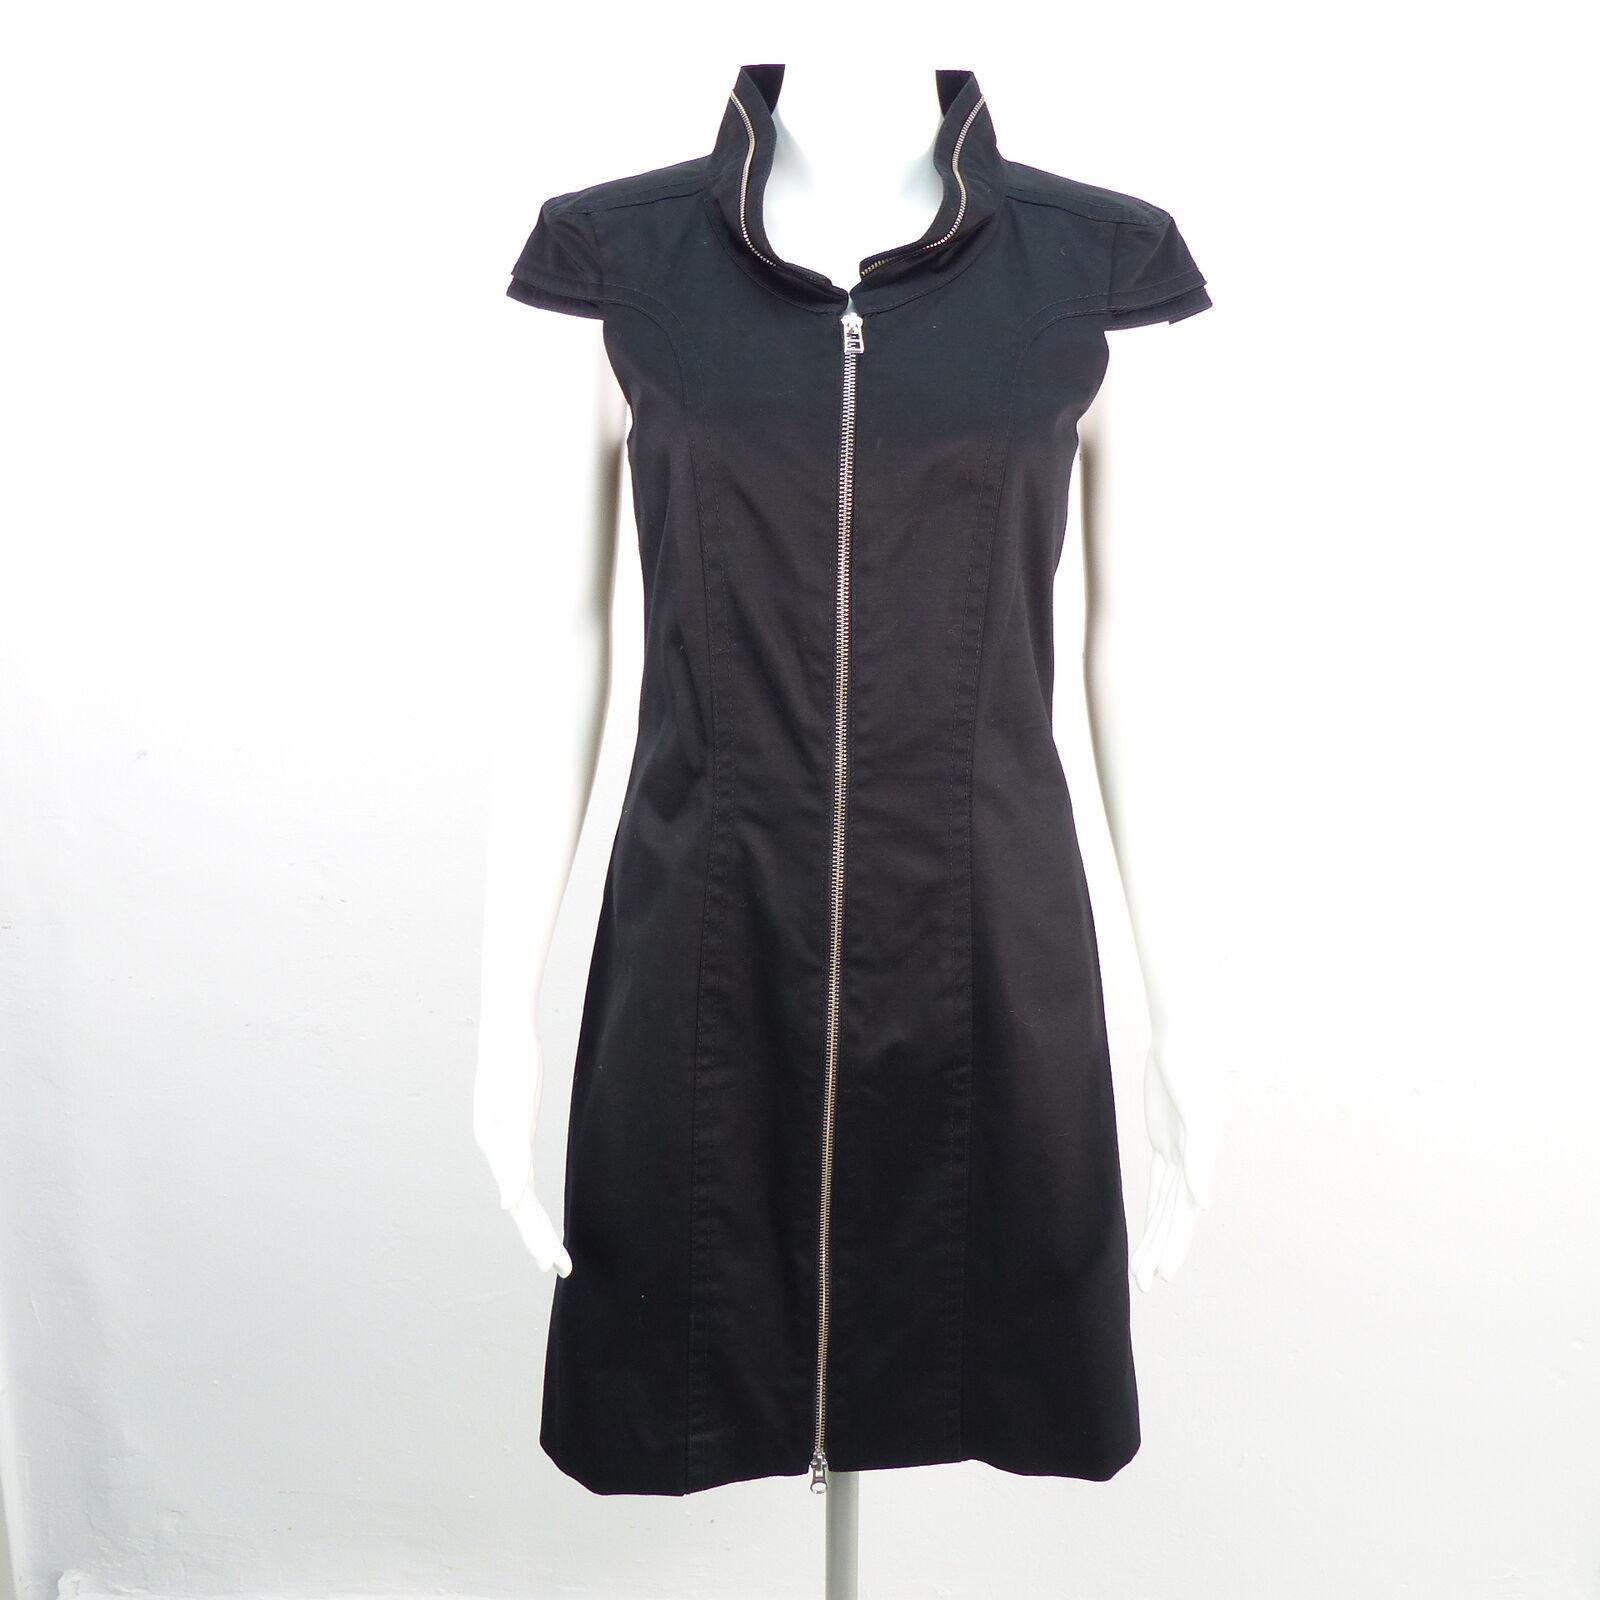 DRYKORN FOR BEAUTIFUL PEOPLE Kleid Damen schwarz Gr. 3   DE 38 Baumwolle Dress C